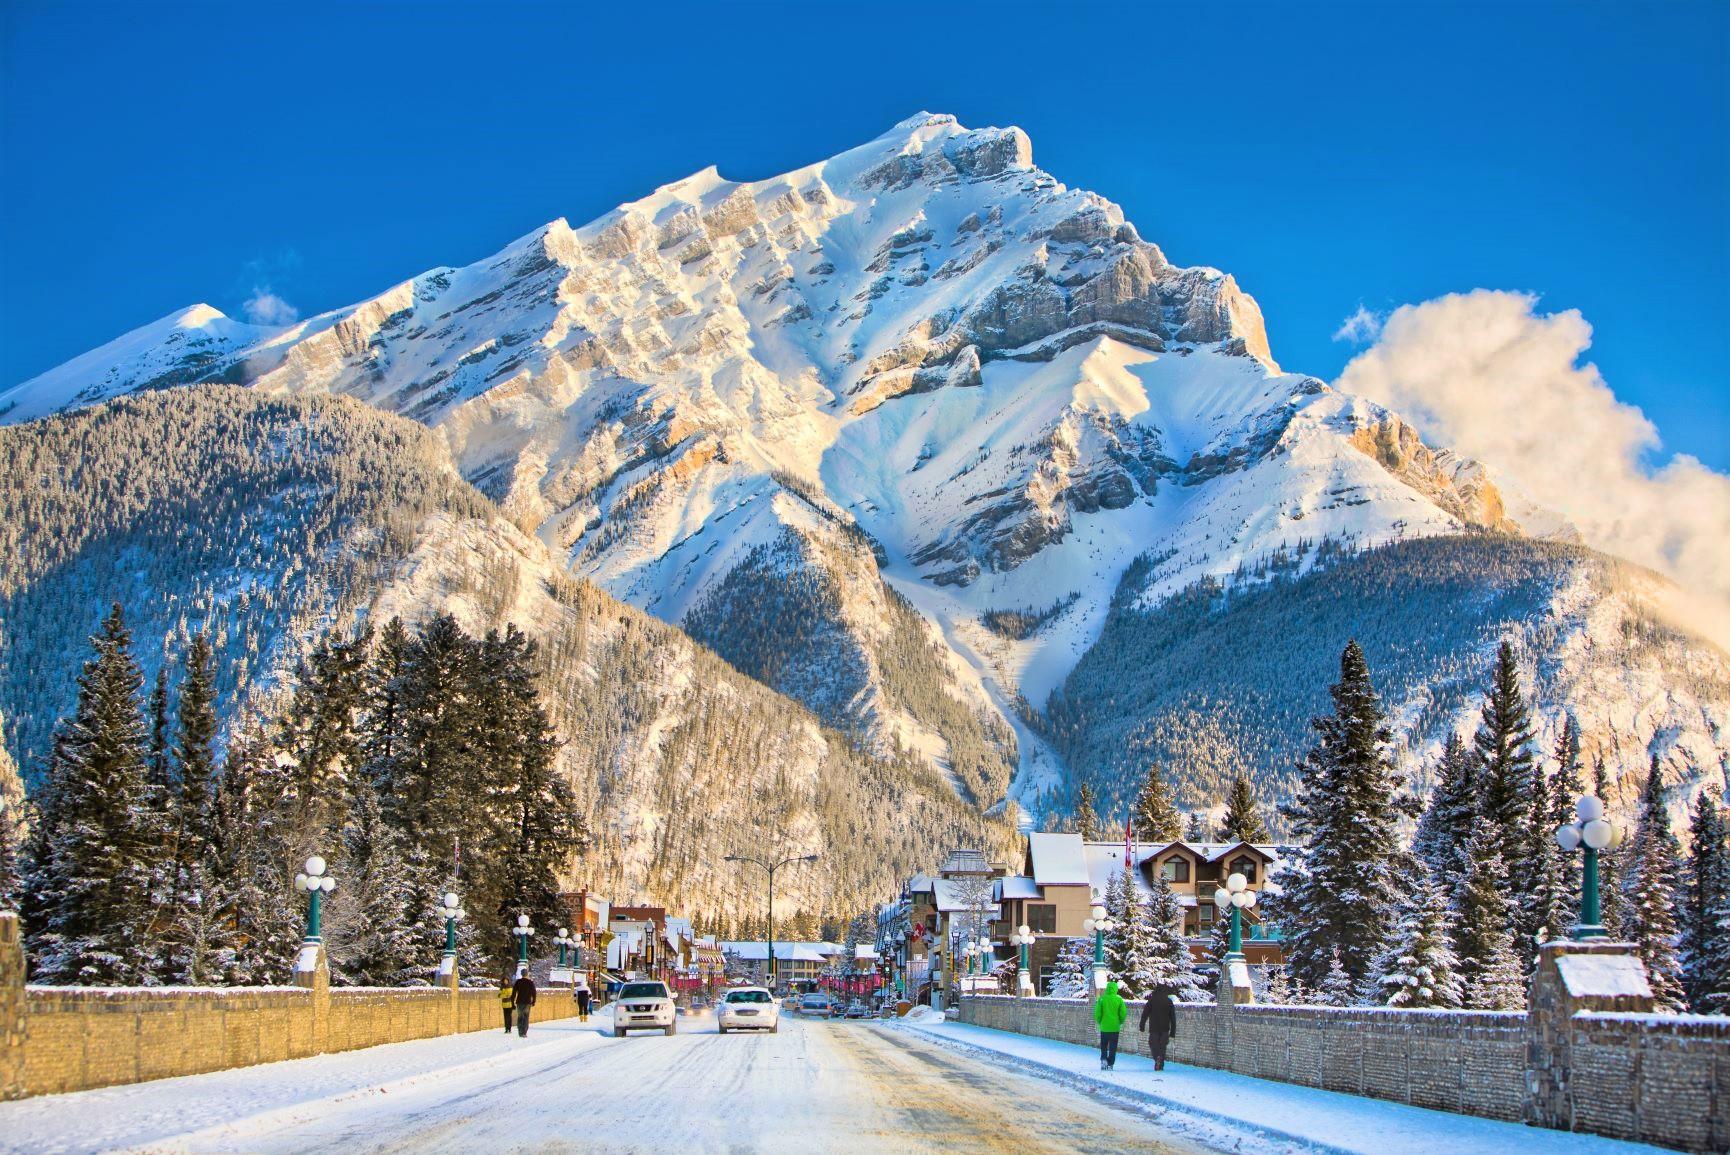 美しい冬のバンフの街並み